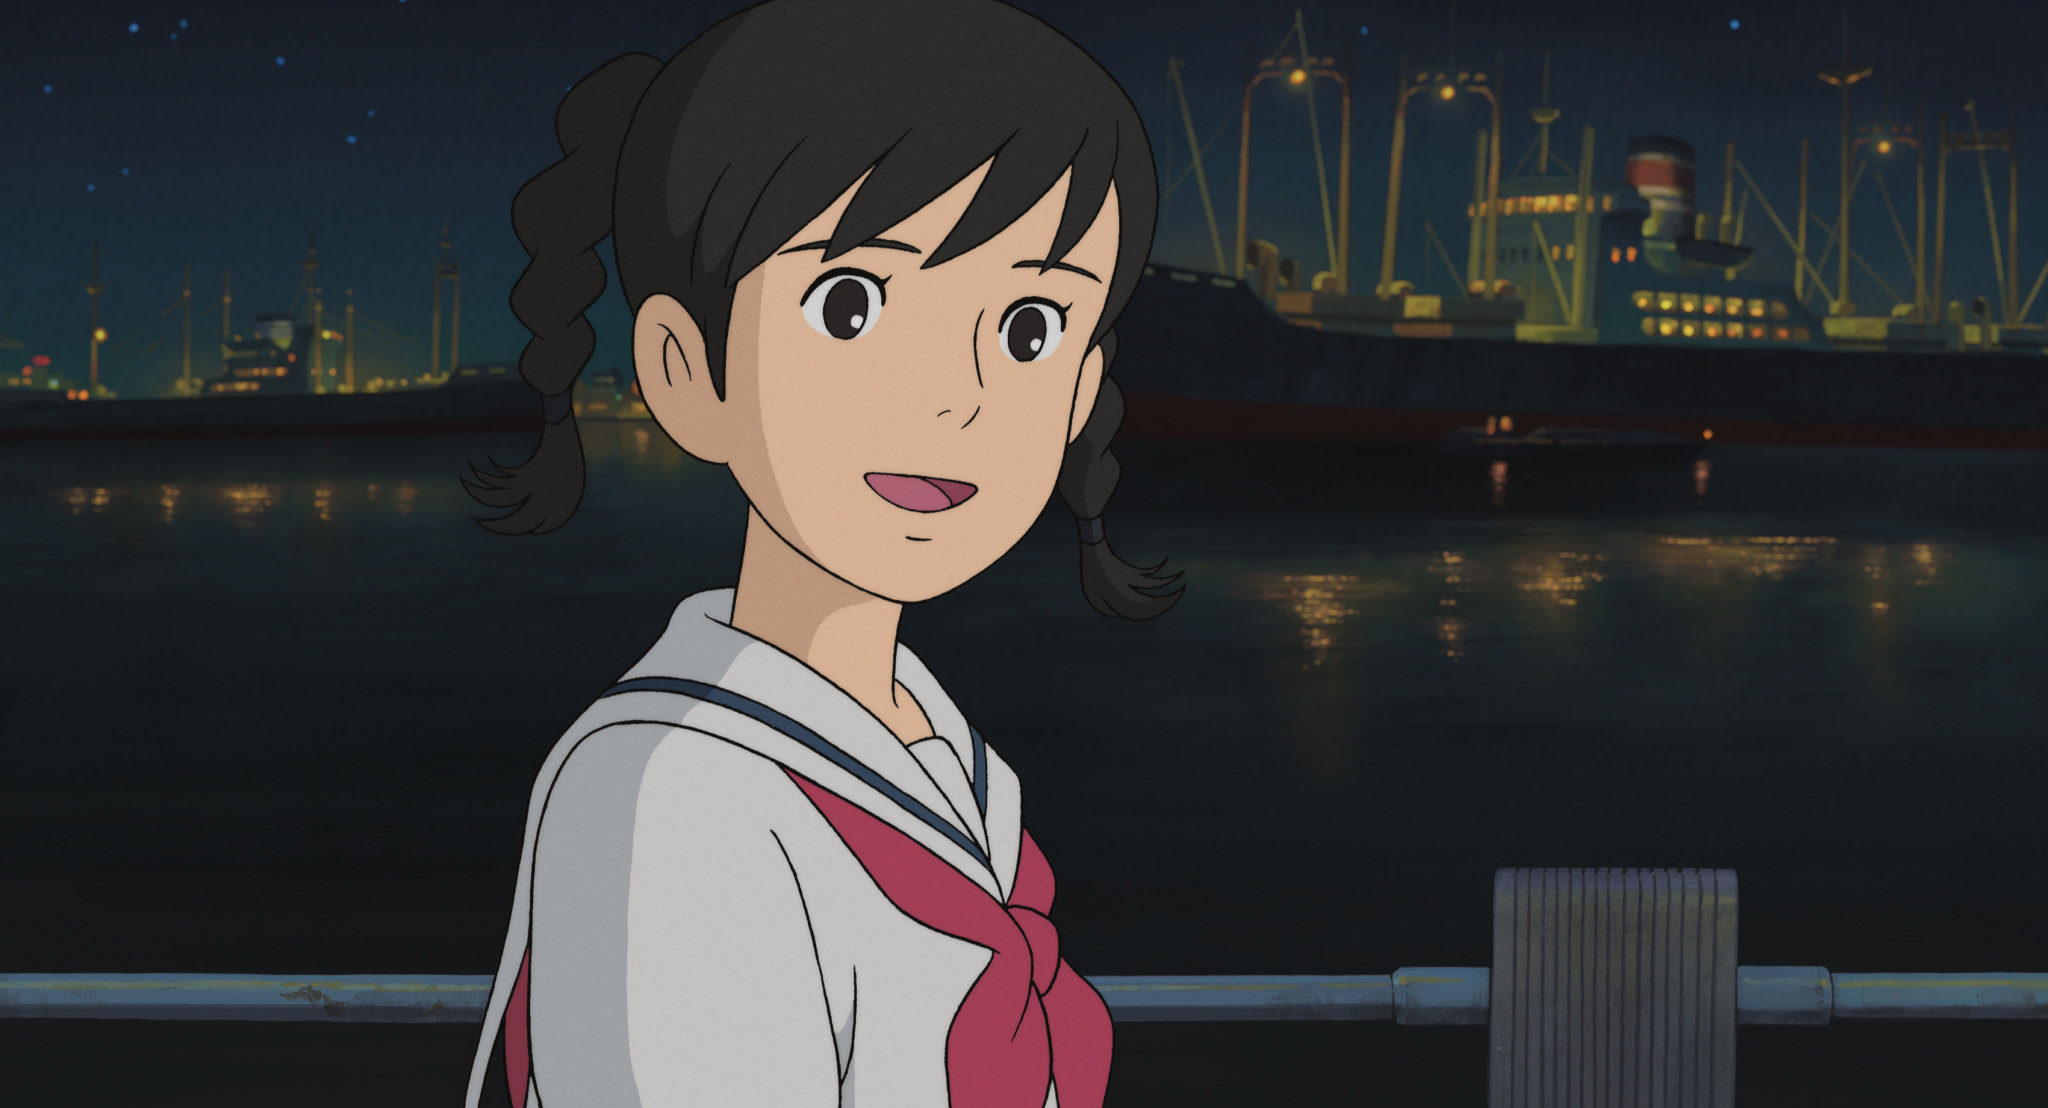 不要怪别人不如你所想像中的樣子,要怪就怪自己是否想太多- 宮崎駿的夢想之城